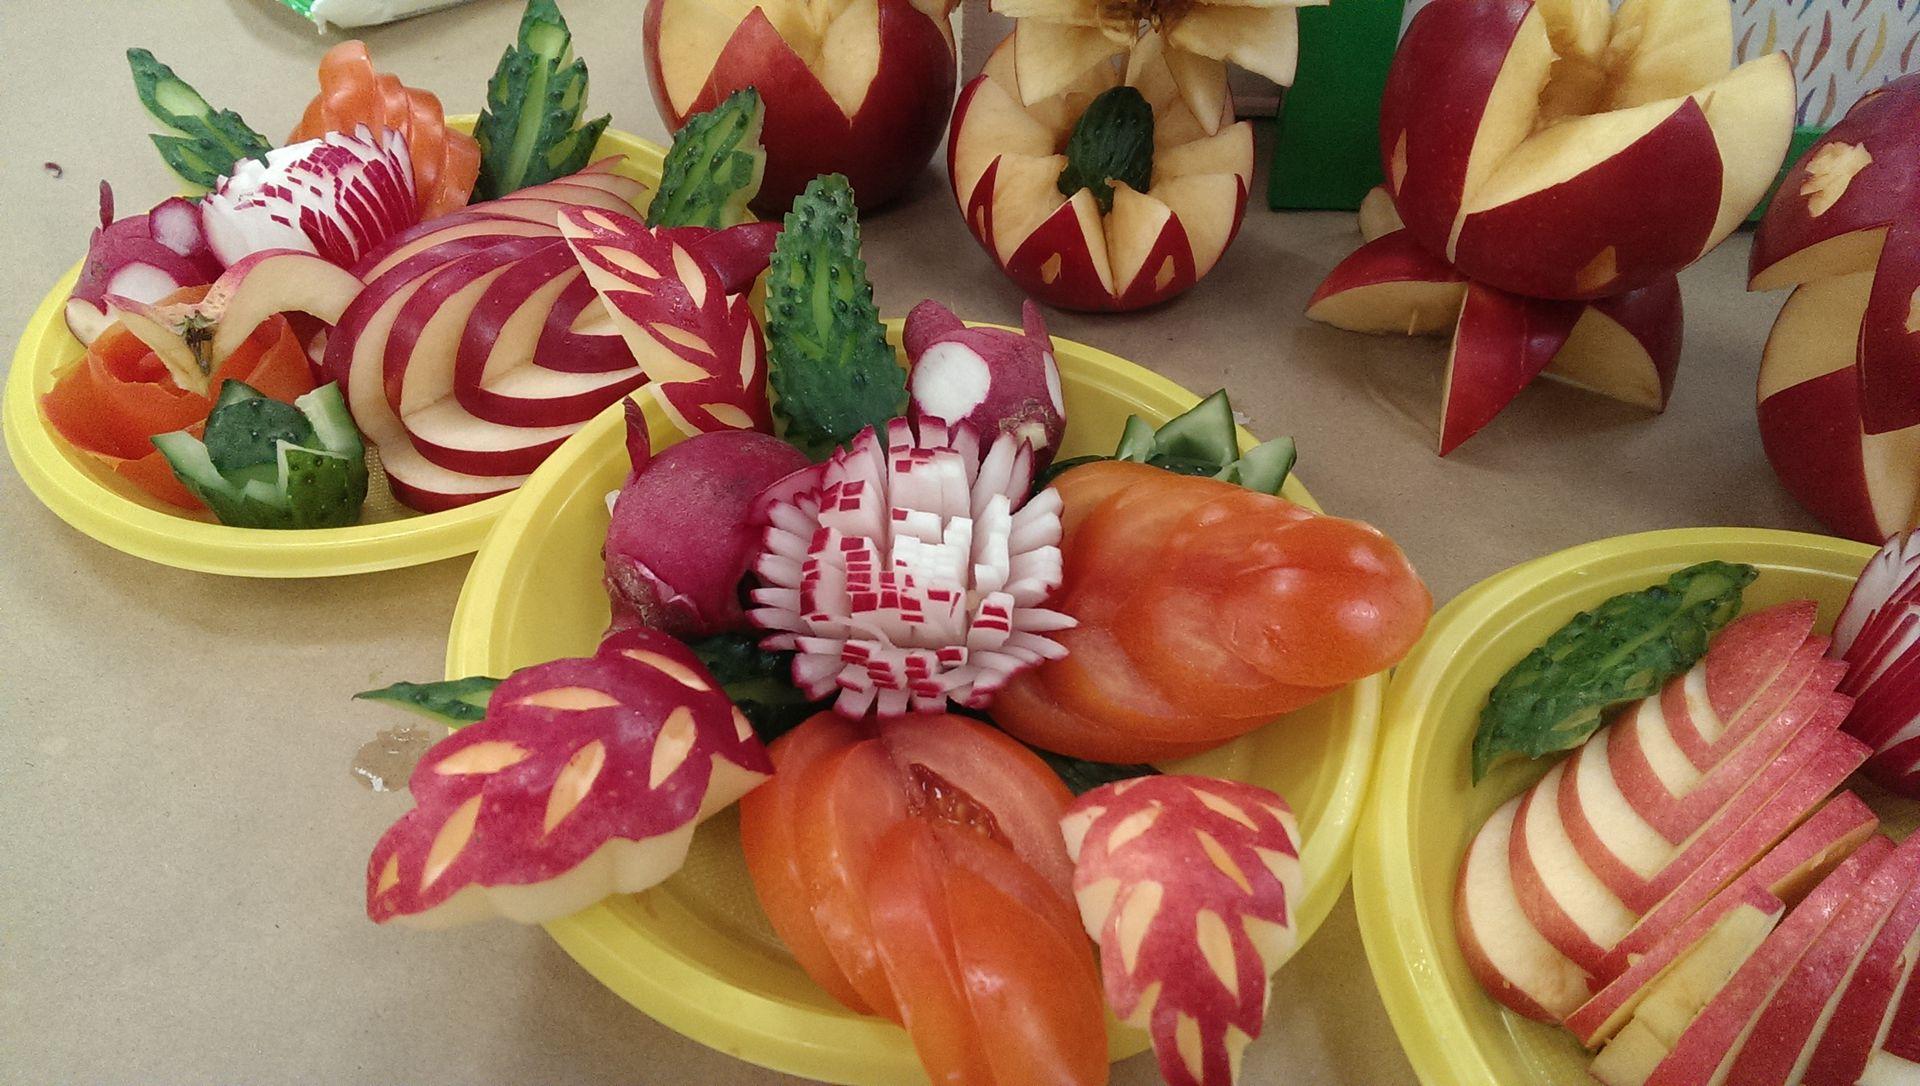 одиночные картинки из овощей украшения для так давно